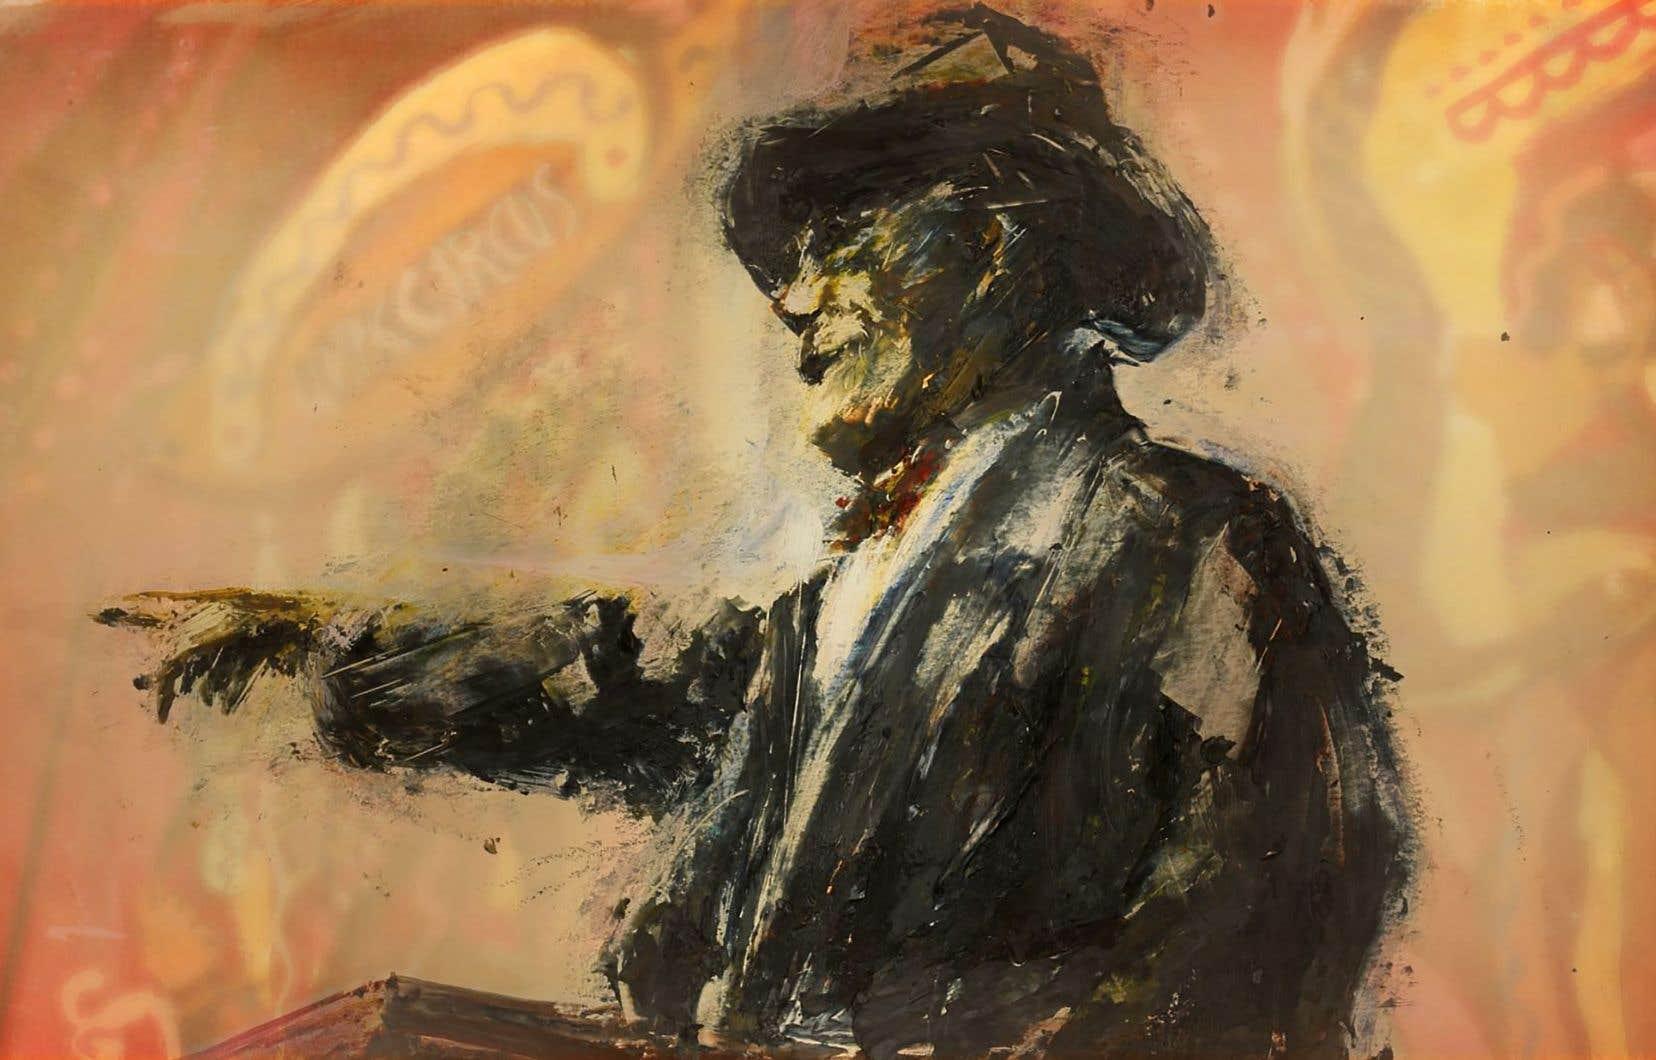 Pour <em>La physique de la tristesse</em>, 11e titre du cinéaste sous la bannière de l'ONF, Theodore Ushev a employé l'encaustique (peinture à base de cire), technique jamais utilisée en animation.